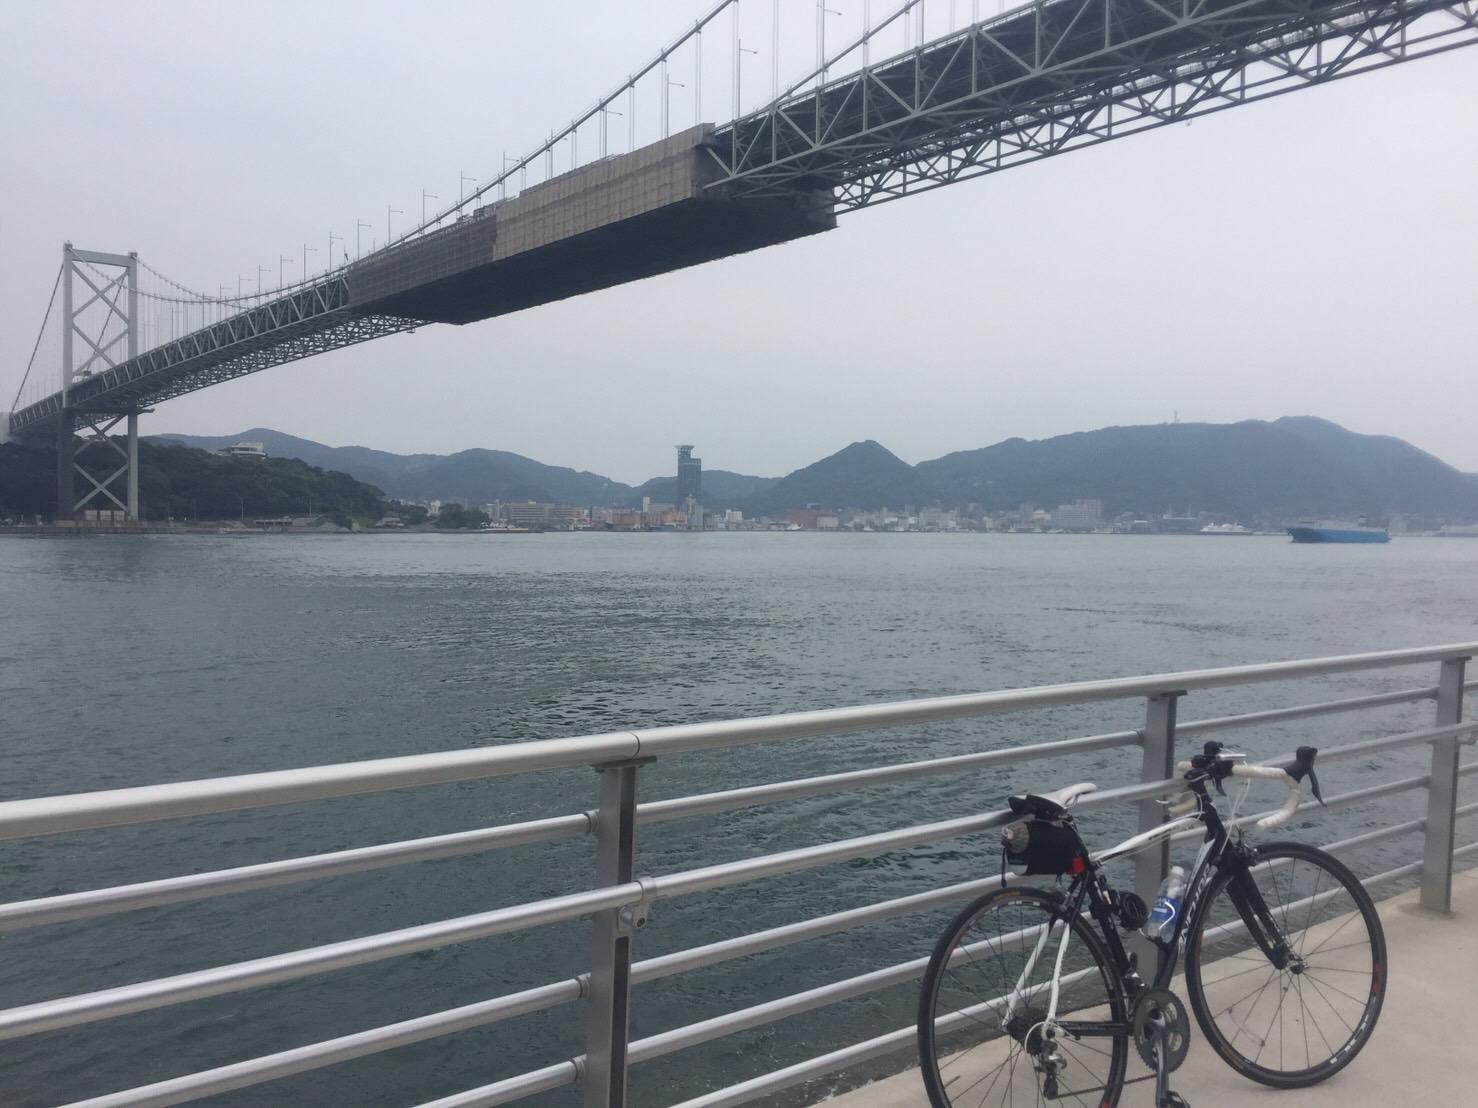 【名古屋~長崎】Day8 下関海峡はトンネルで渡ります【徳山~北九州】【自転車】